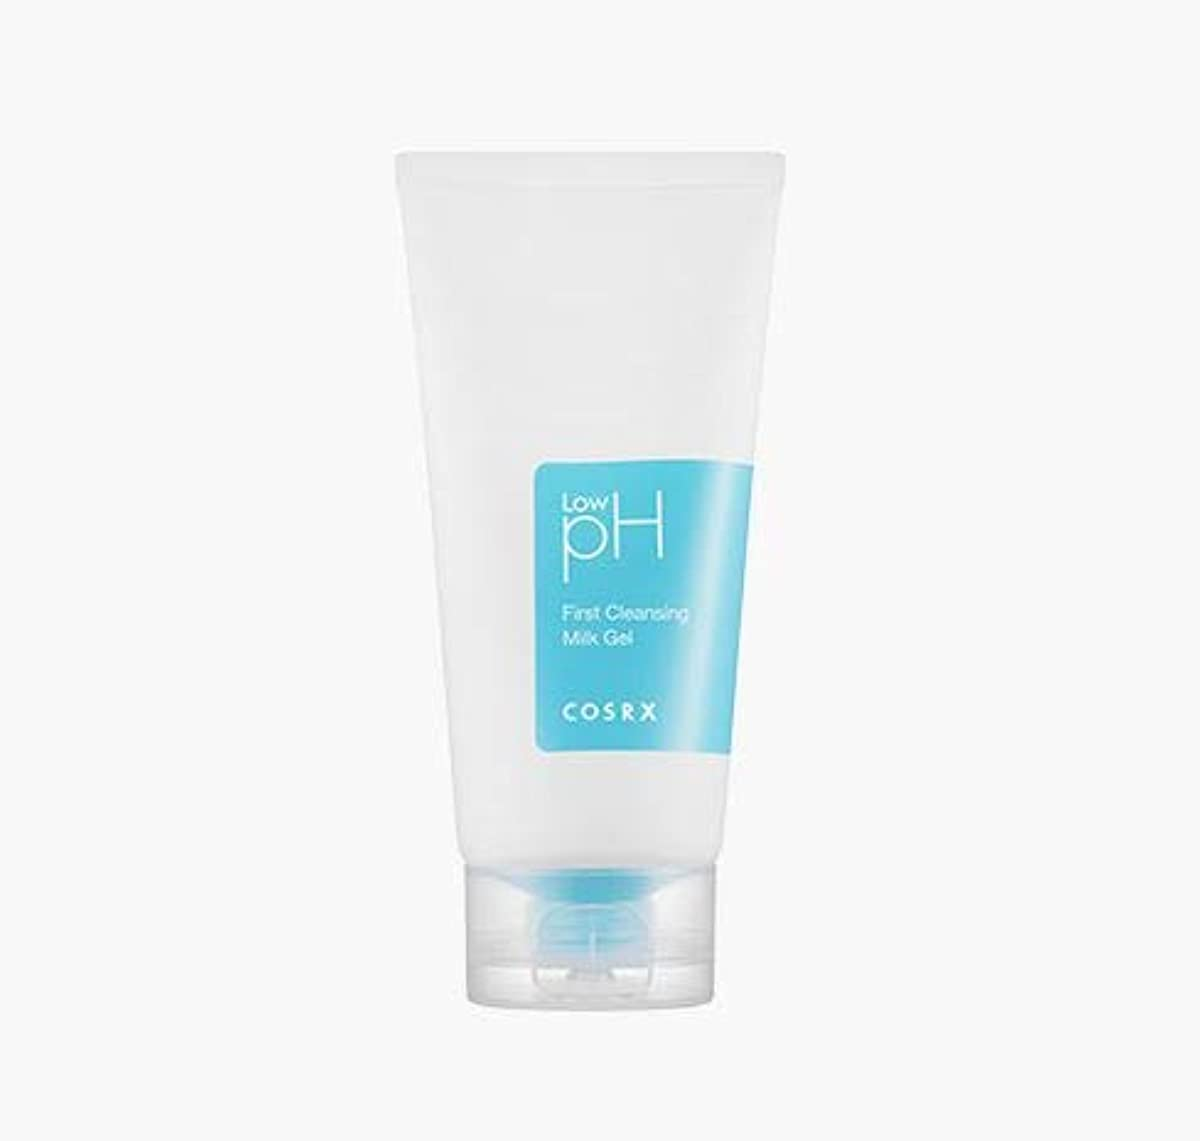 濃度しっかり消費者[COSRX] Low pH First Cleansing Milk Gel 150ml / Low pH ファースト クレンジング ミルク ジェル 150ml [並行輸入品]